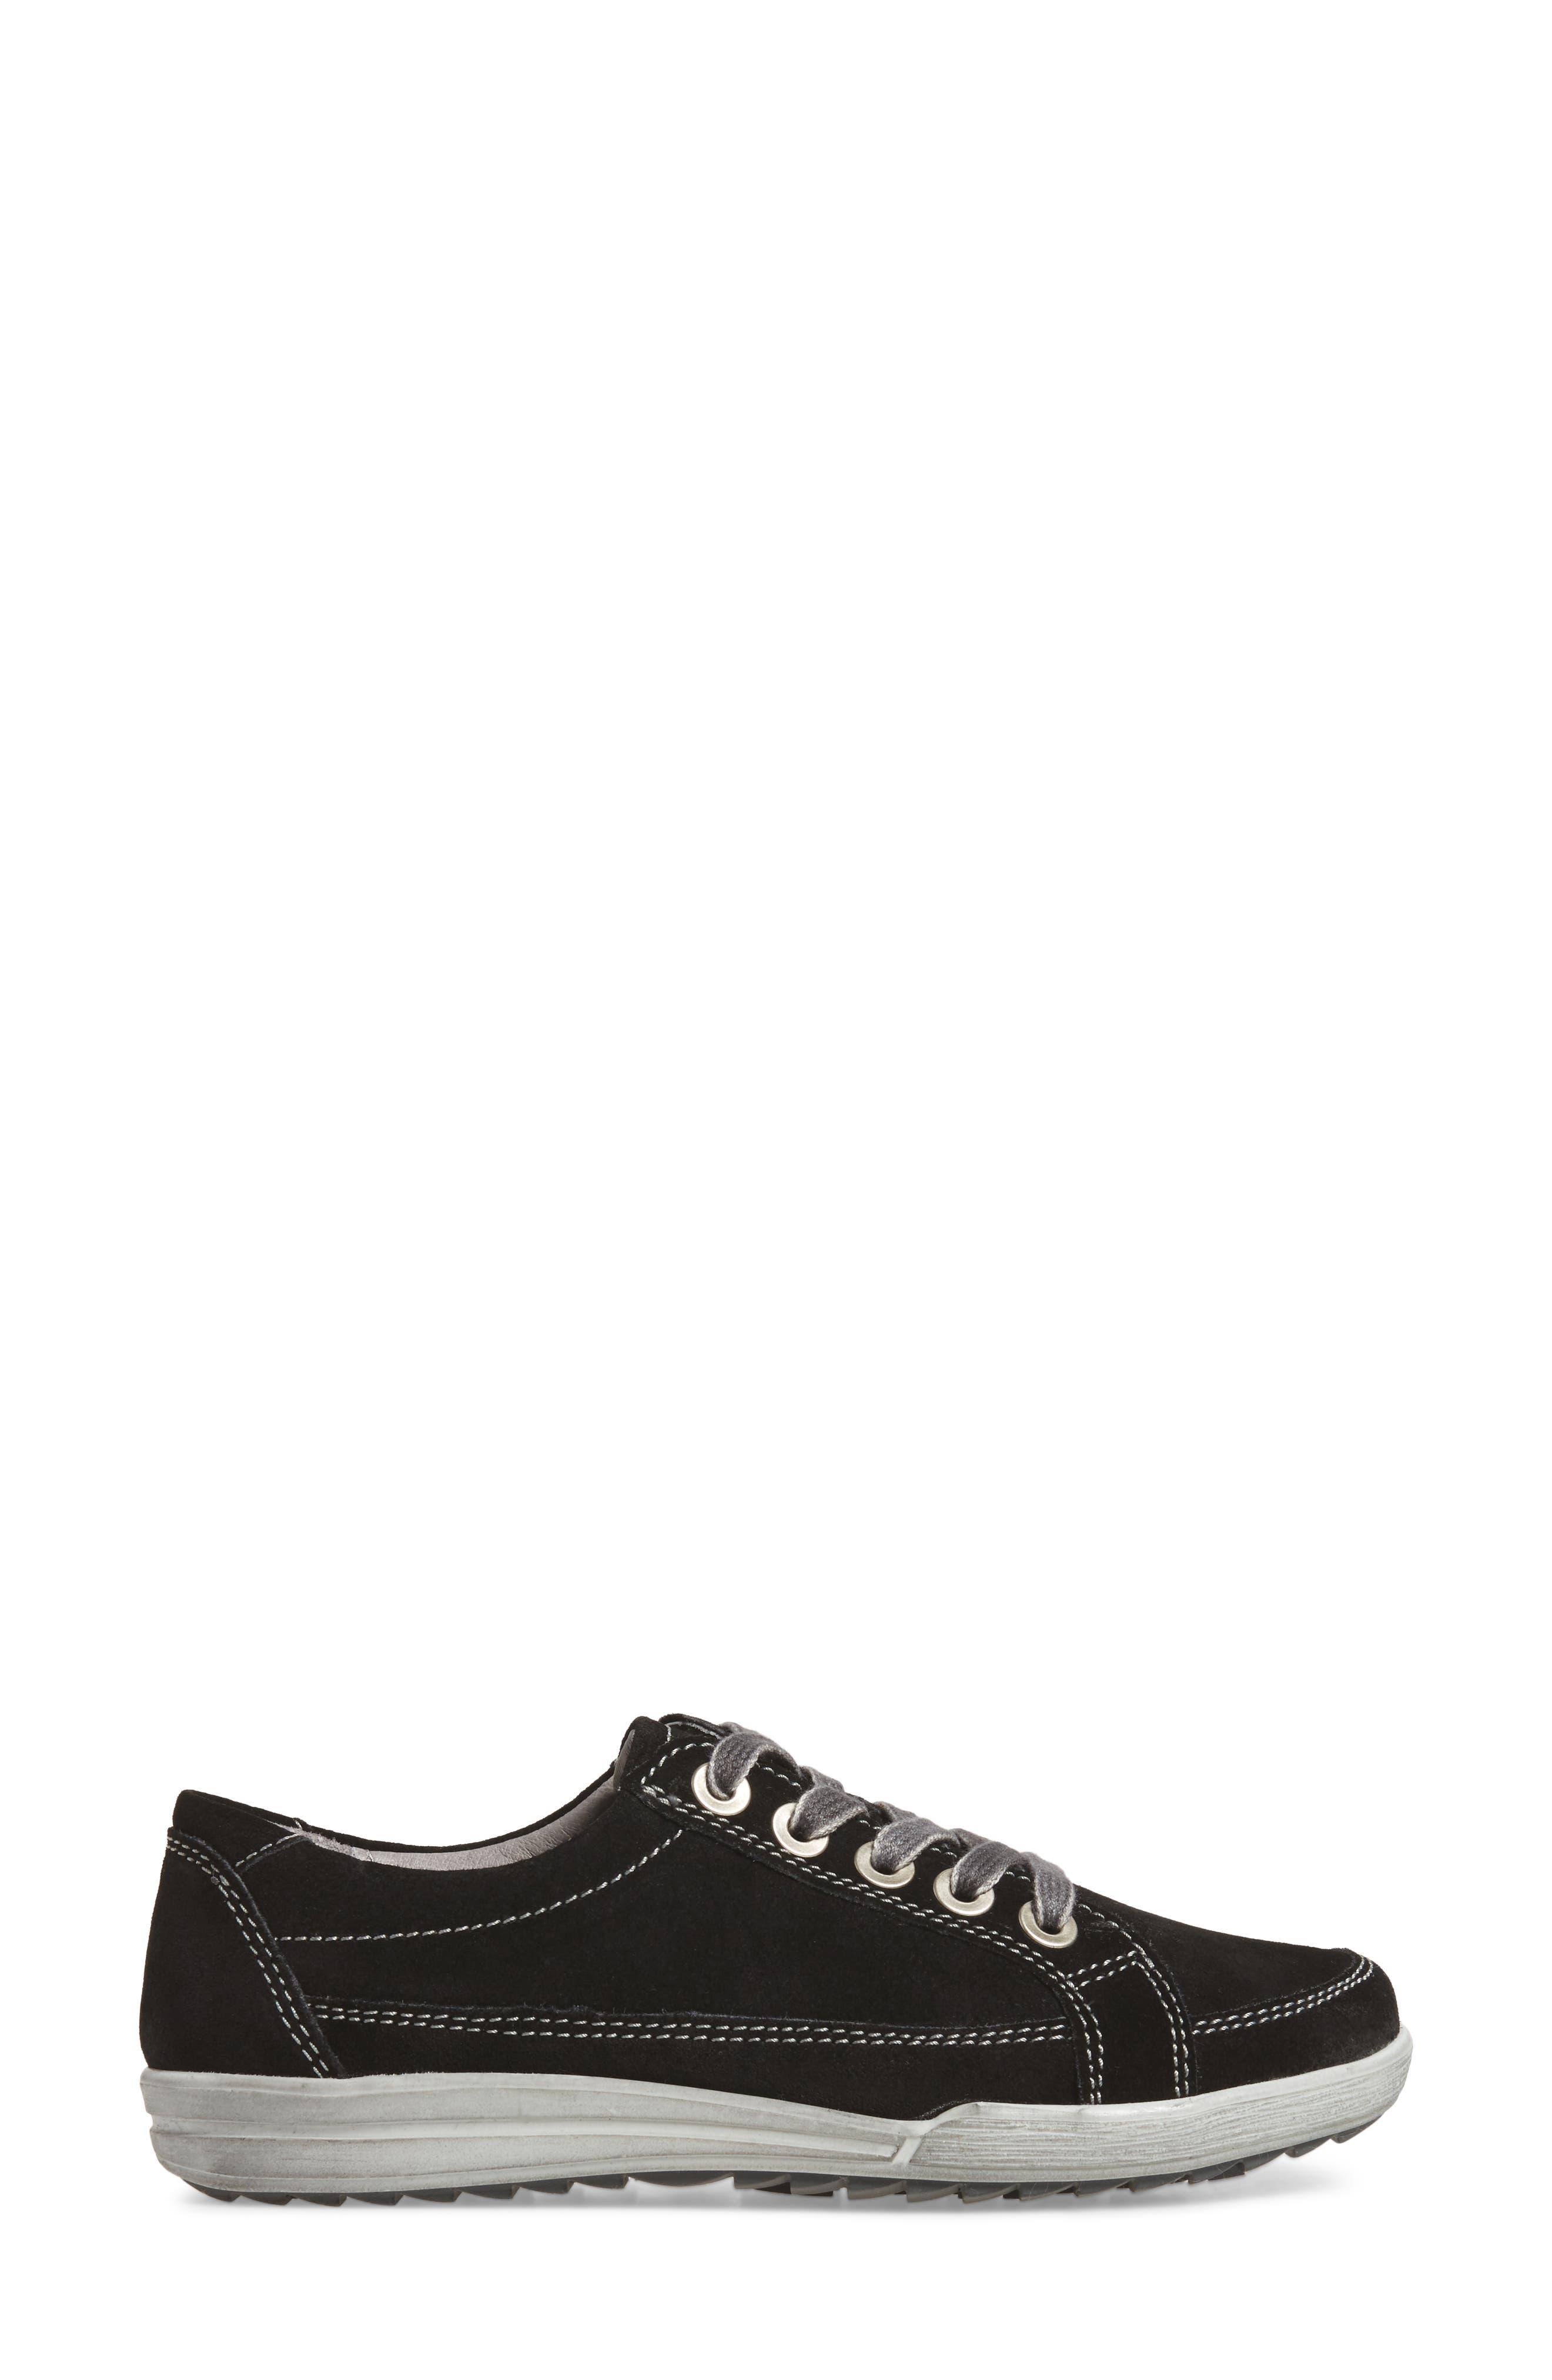 Alternate Image 3  - Josef Seibel Dany 57 Sneaker (Women)